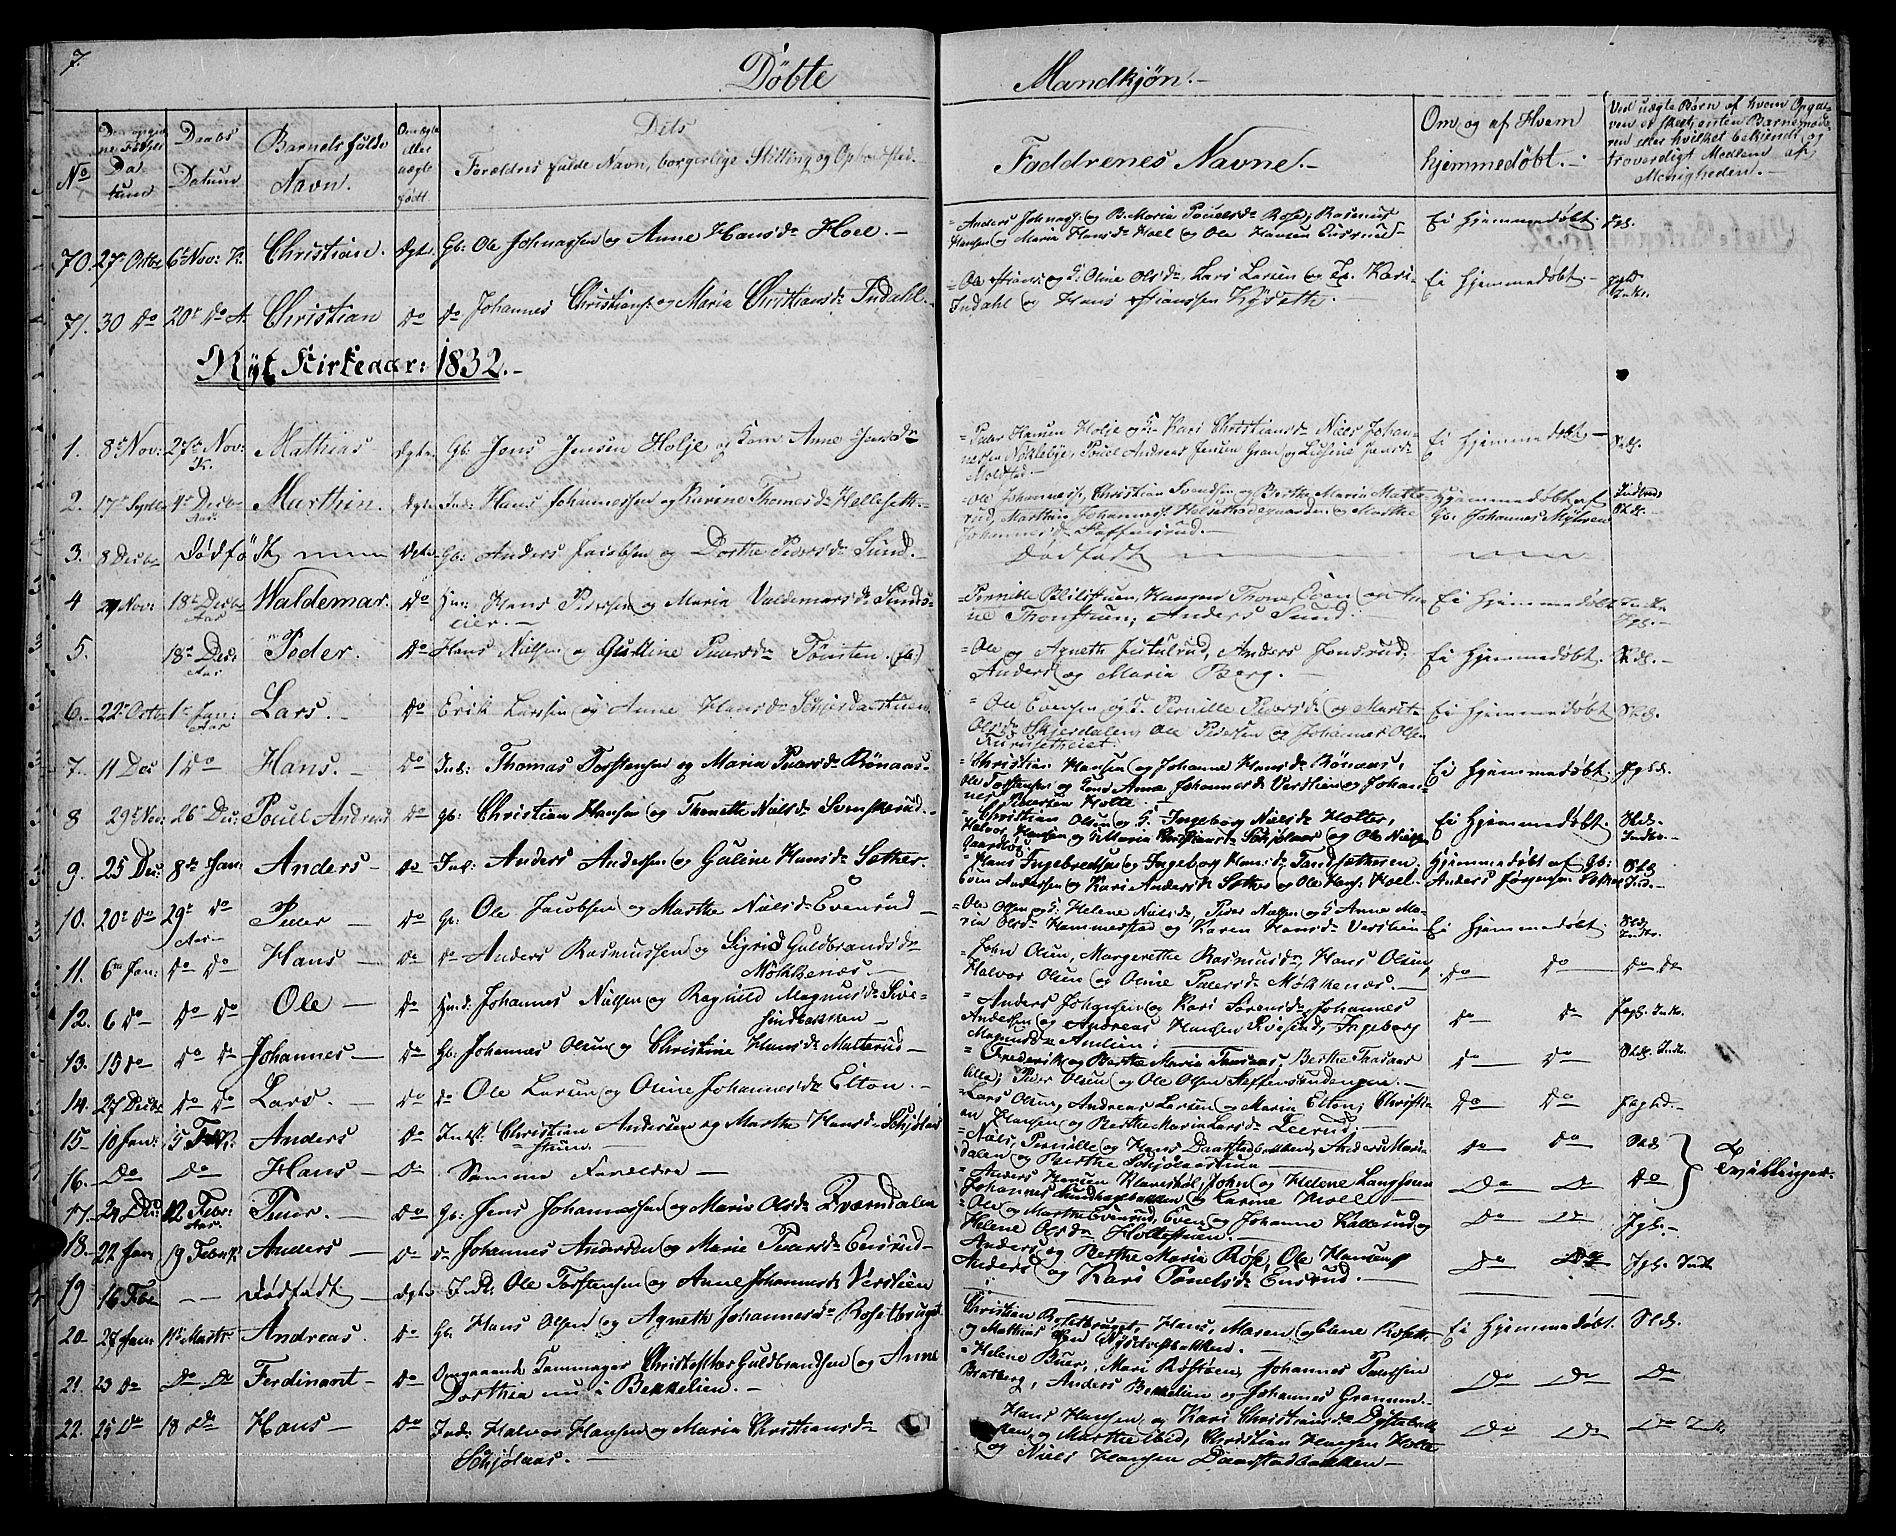 SAH, Vestre Toten prestekontor, H/Ha/Hab/L0001: Klokkerbok nr. 1, 1830-1836, s. 7